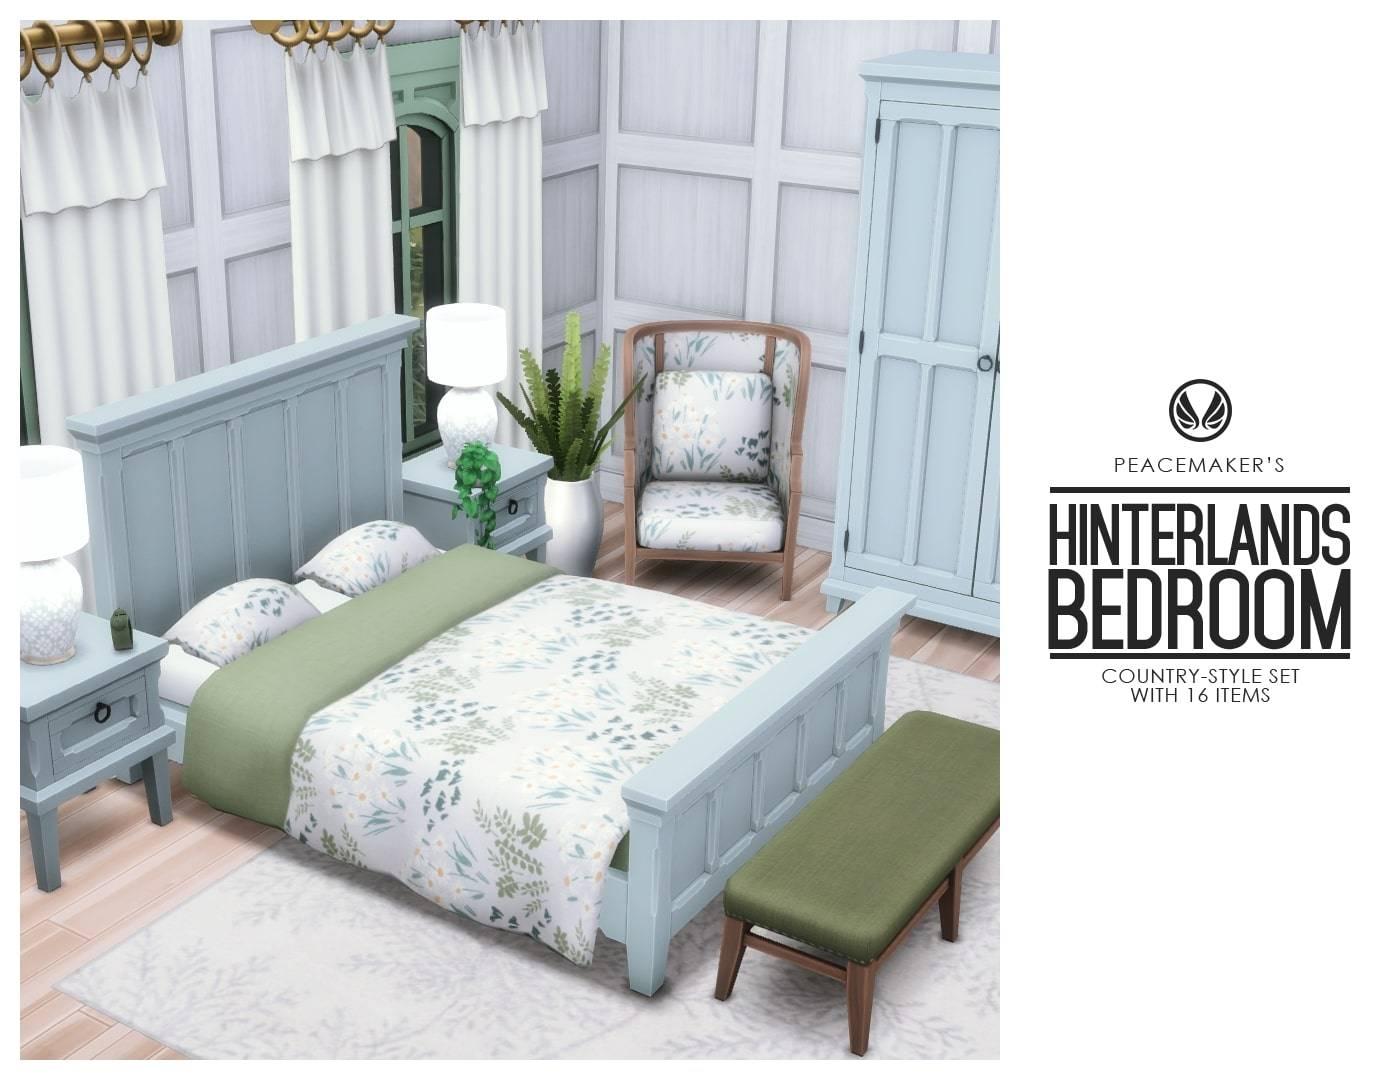 Спальня - Hinterlands Bedroom